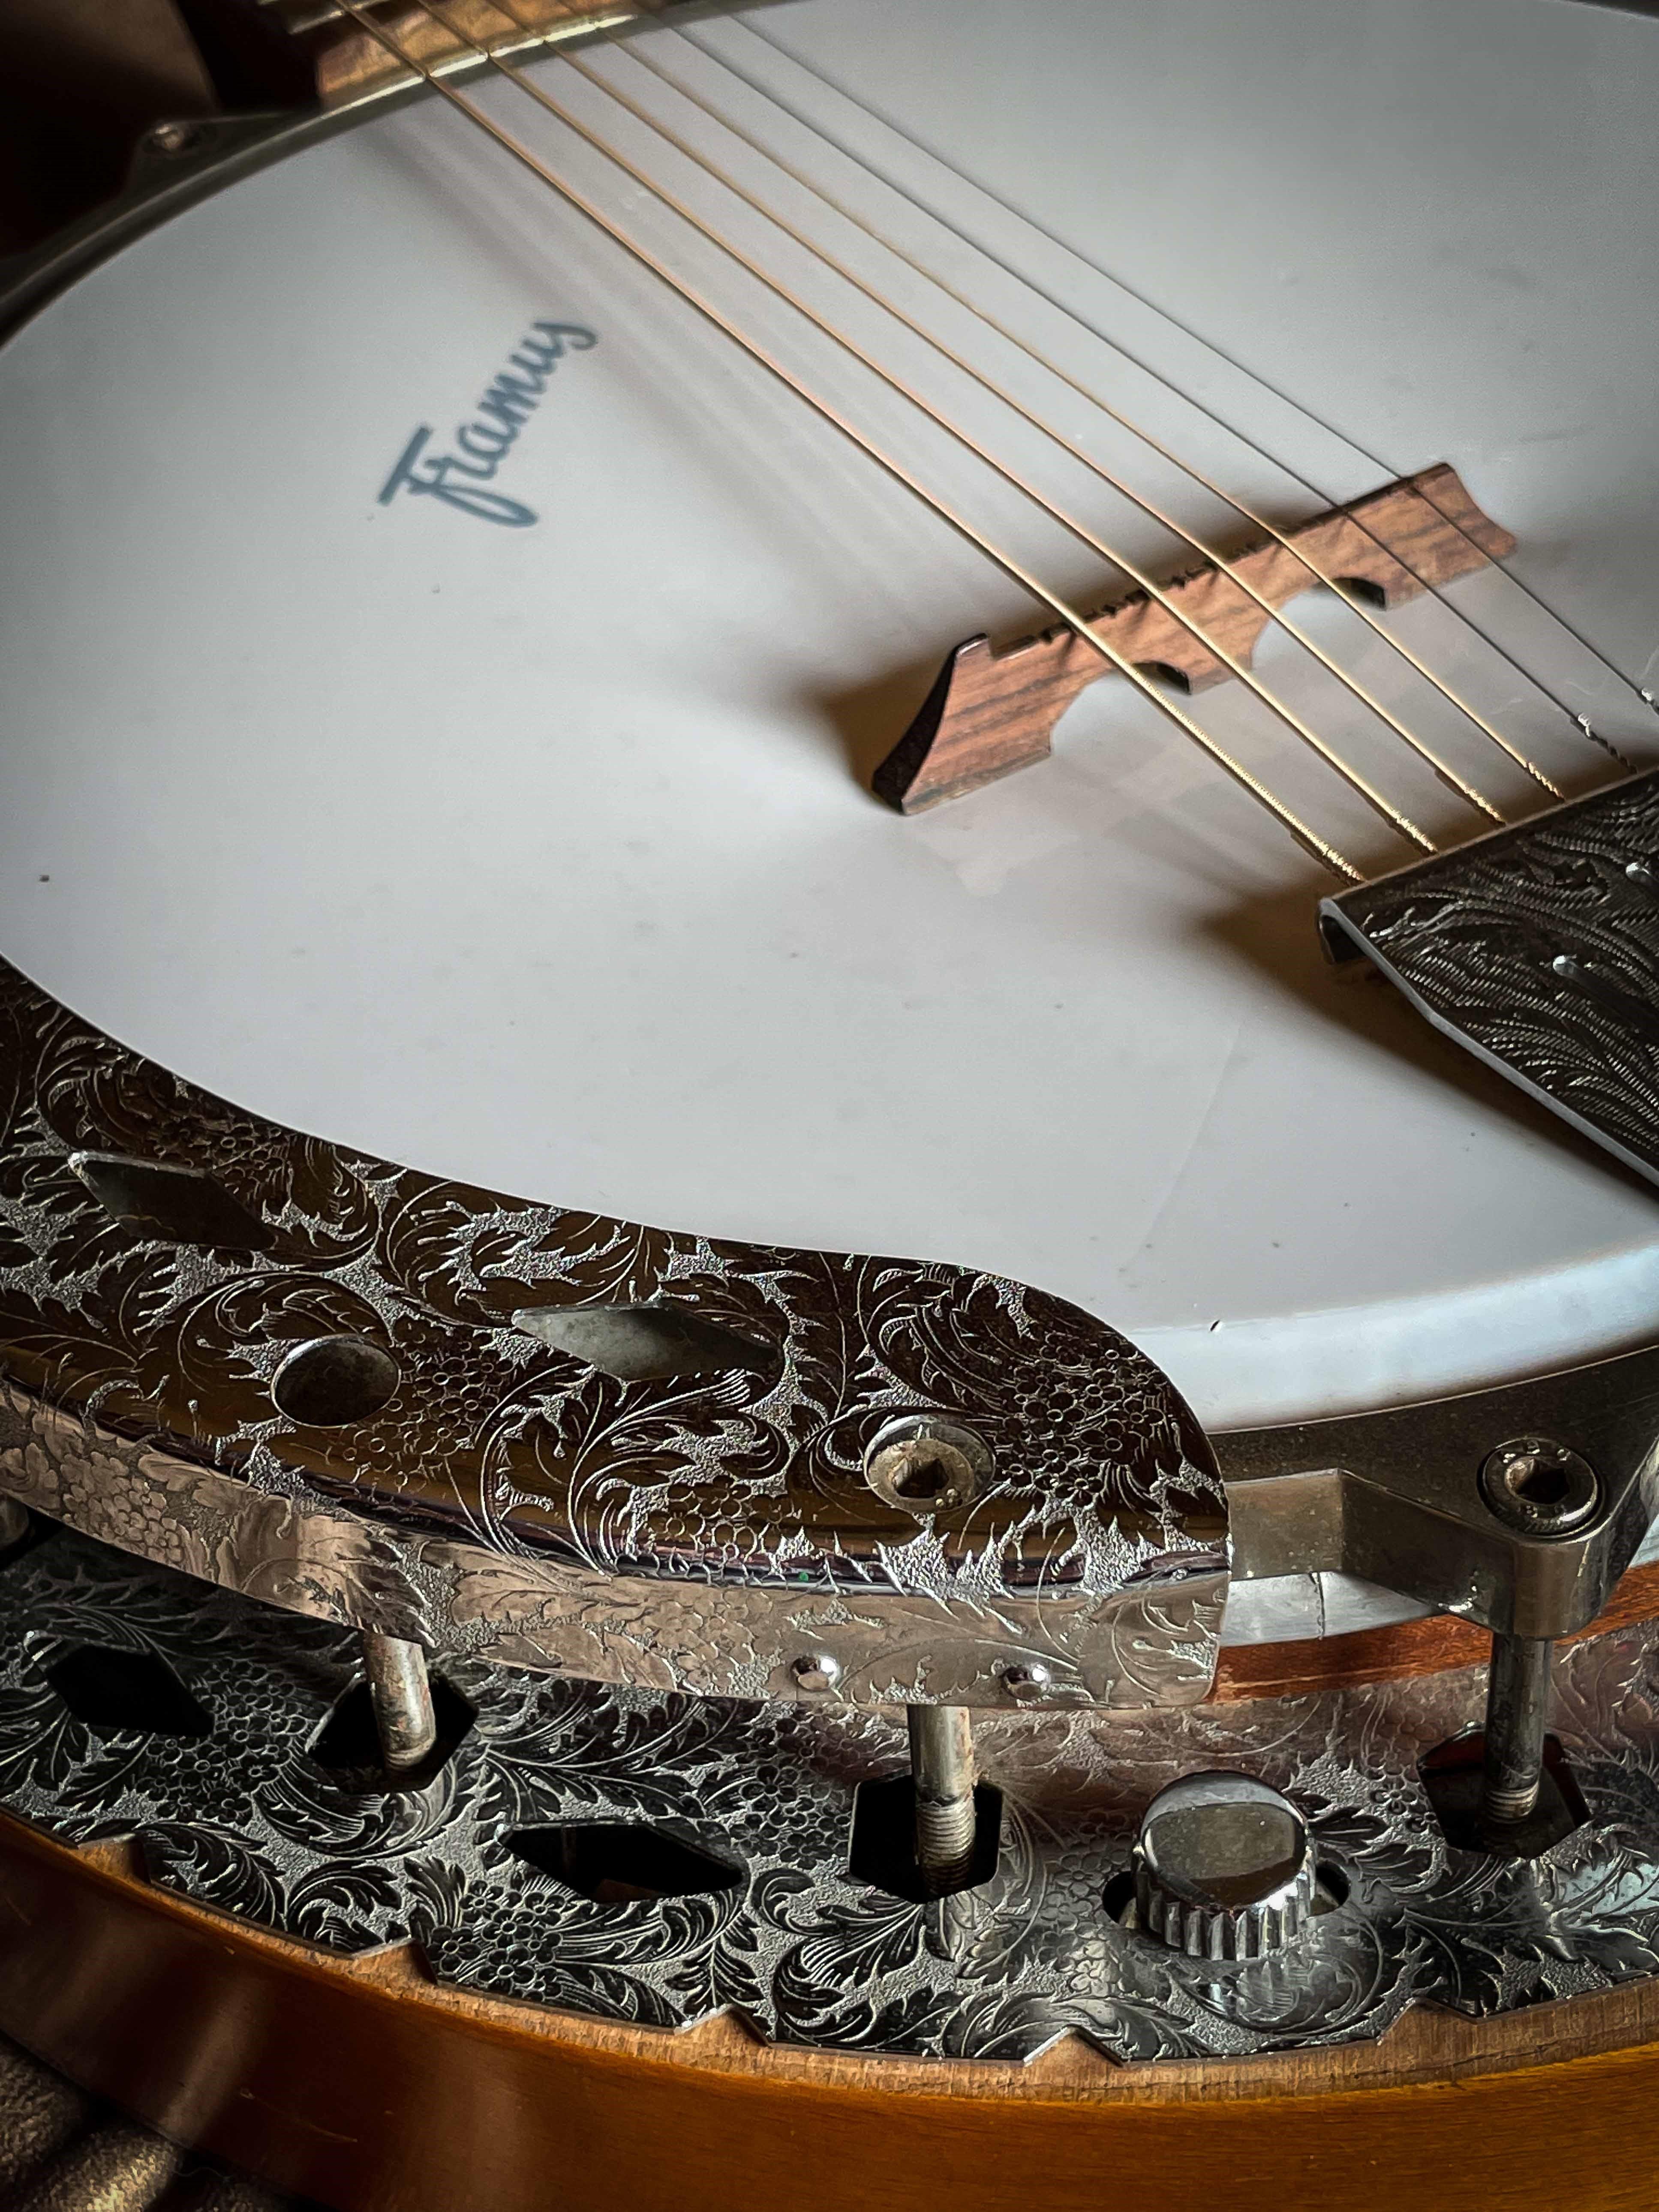 ALBUM: Framus Banjo 13140  - 6  string model (April 1968)